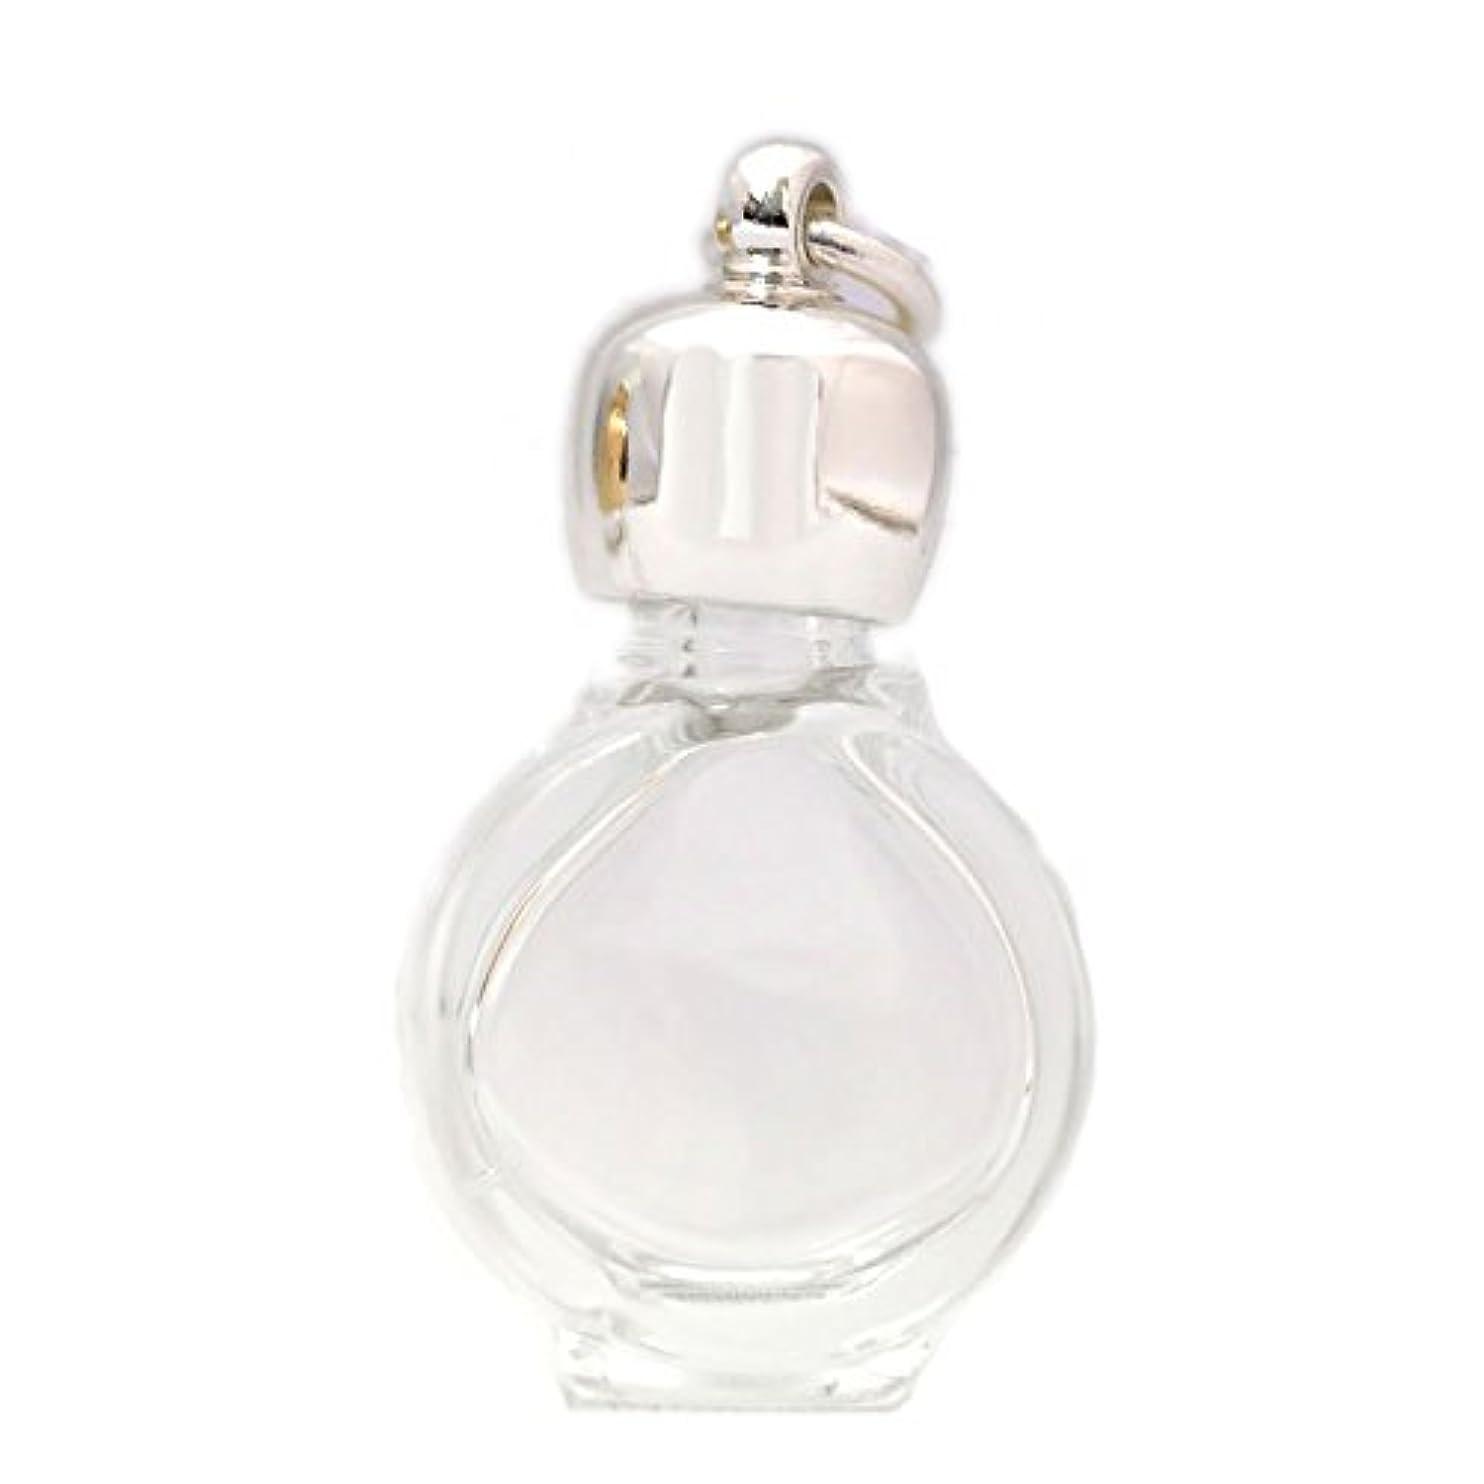 幽霊同種の言い直すミニ香水瓶 アロマペンダントトップ タイコスキ(透明)1ml?シルバー?穴あきキャップ、パッキン付属